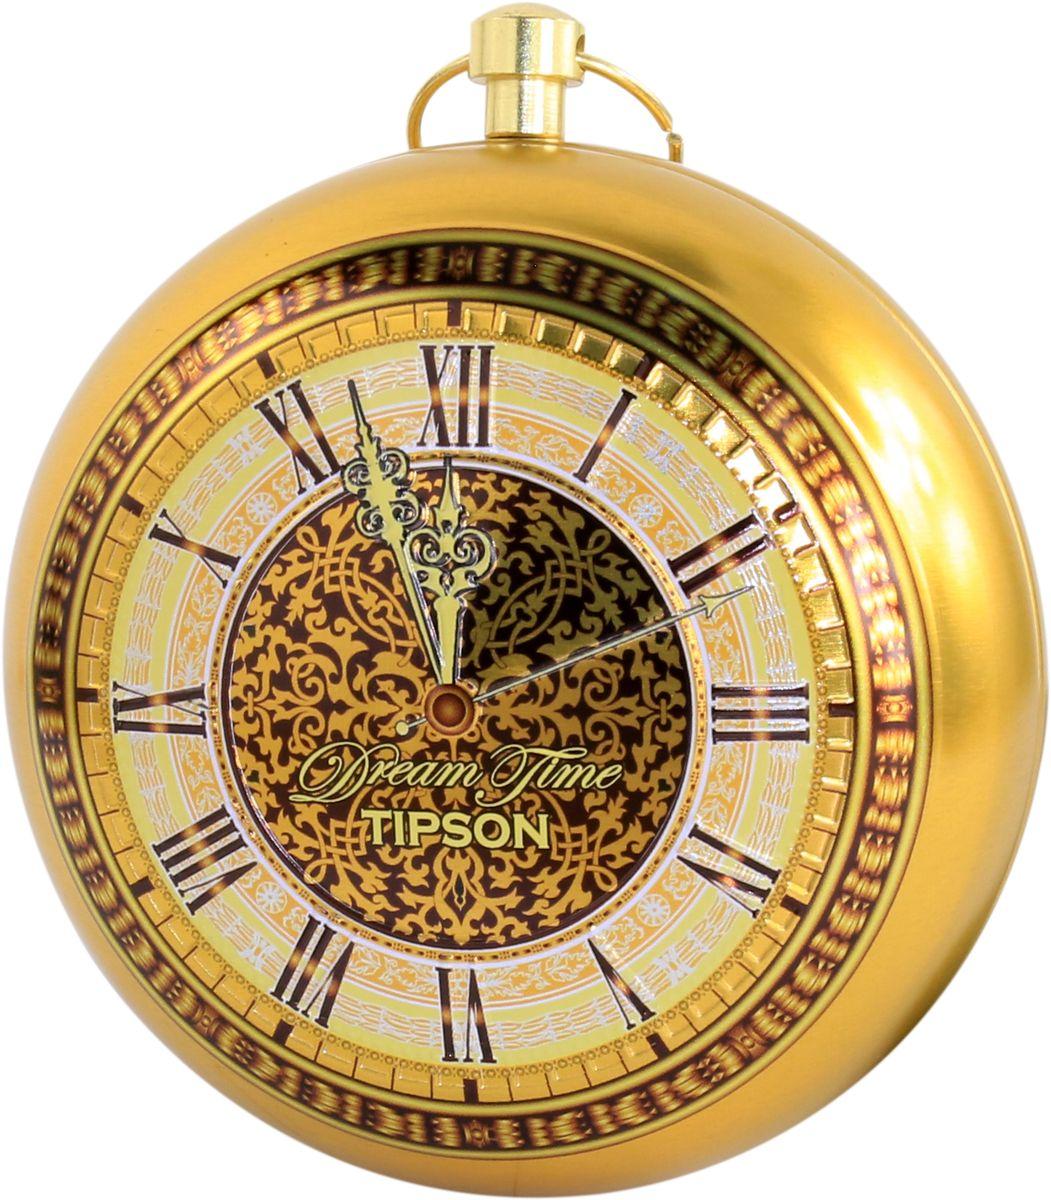 Tipson Dream Time Collection Clocks Gold черный листовой чай, 30 г80140-00Коллекция Время мечты создана специально для проявления внимания. Маленькие часики приятно подарить и близким и друзьям и коллегам. Как презент будут актуальны на любое торжество, а также можно использовать в виде украшения на новогоднюю елку. Побалуйте себя хорошим чаем с острова Цейлон со вкусом цитрусовых.